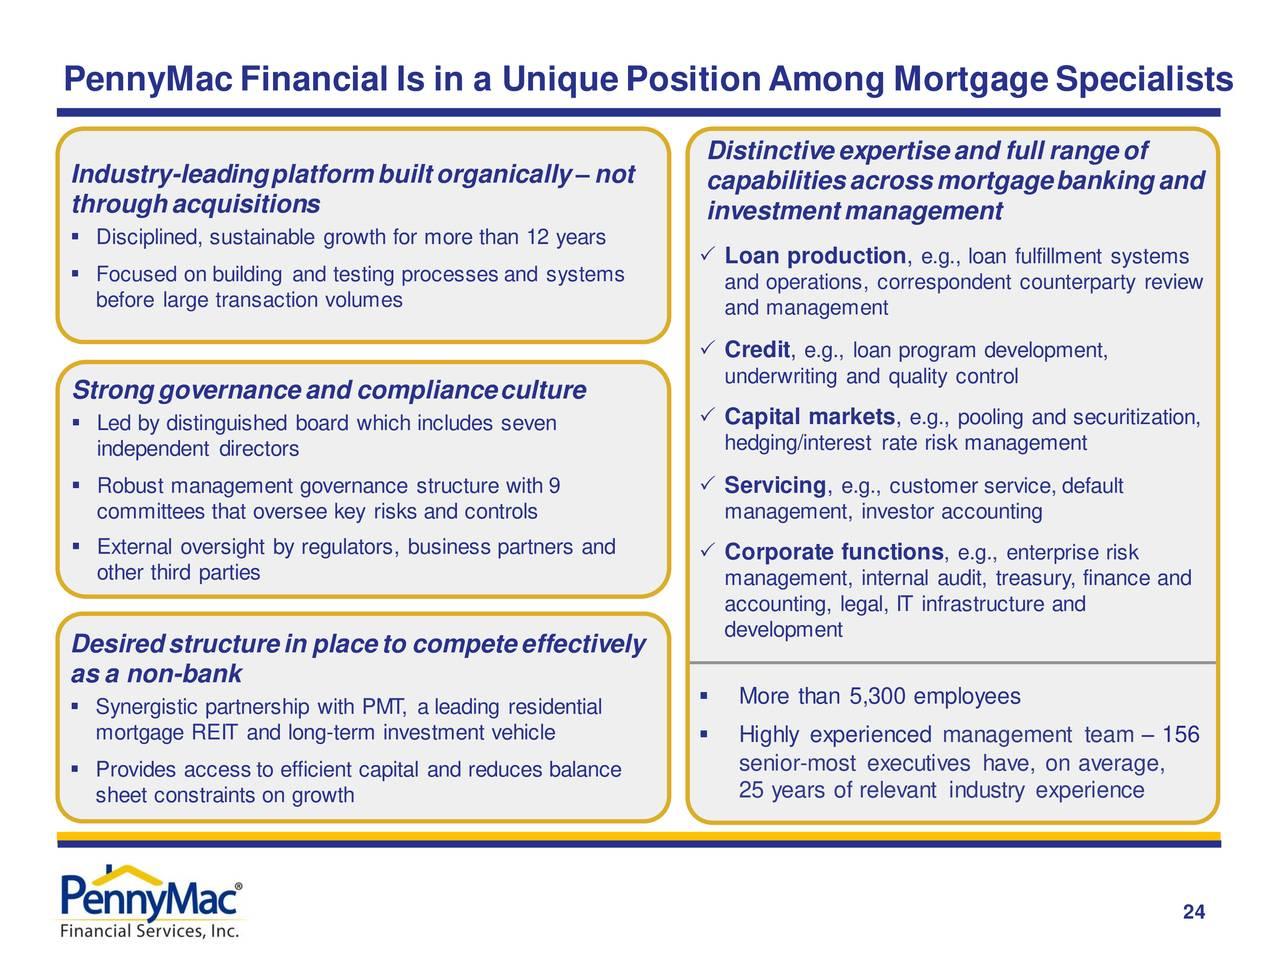 PennyMacFinancial se encuentra en una posición única entre los especialistas en hipotecas